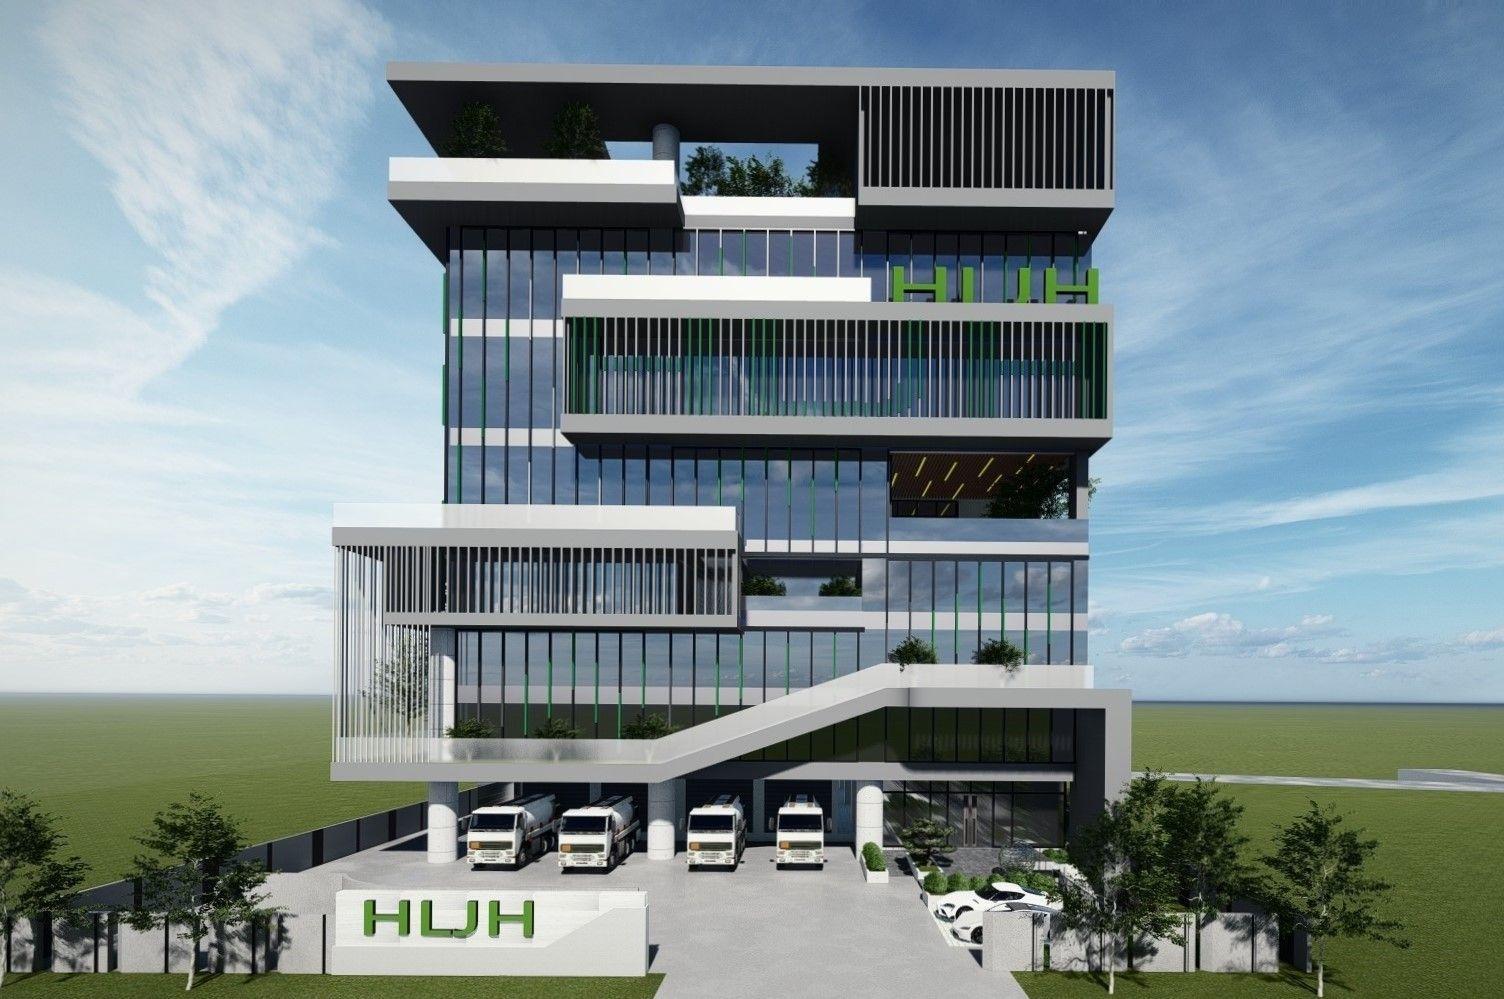 海陆家赫位于潭子聚兴工业园区厂房建置中